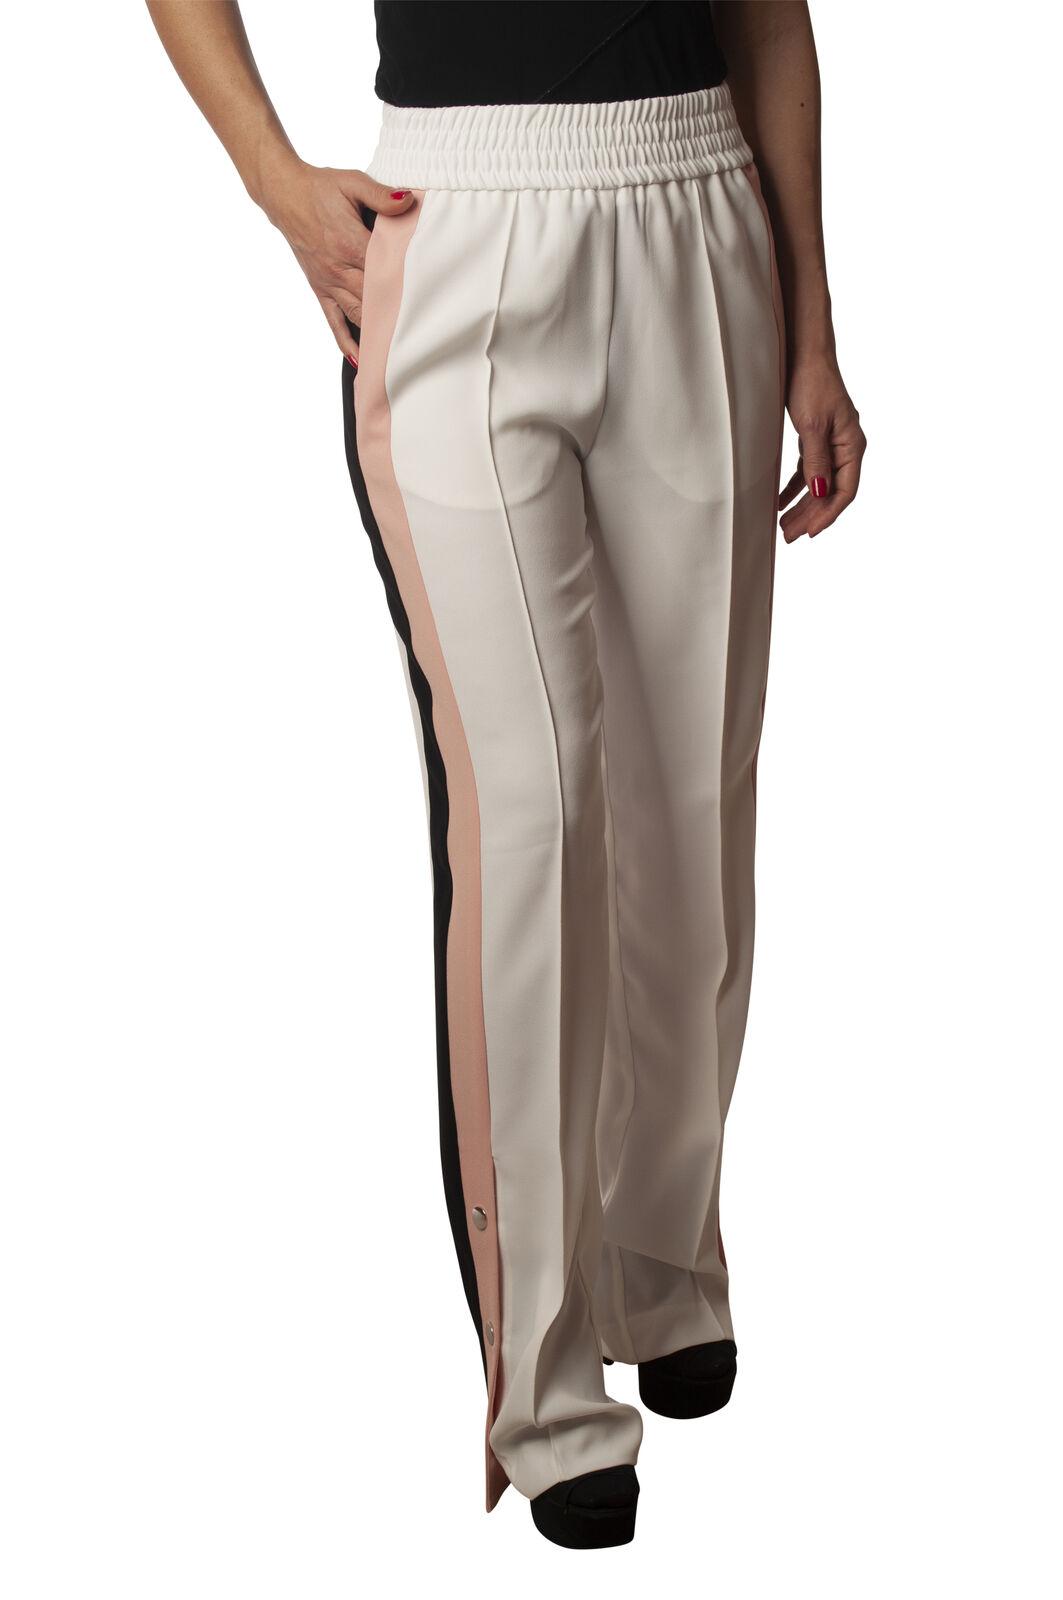 Pinko - Pants-Pants - Woman - White - 5875624A194102